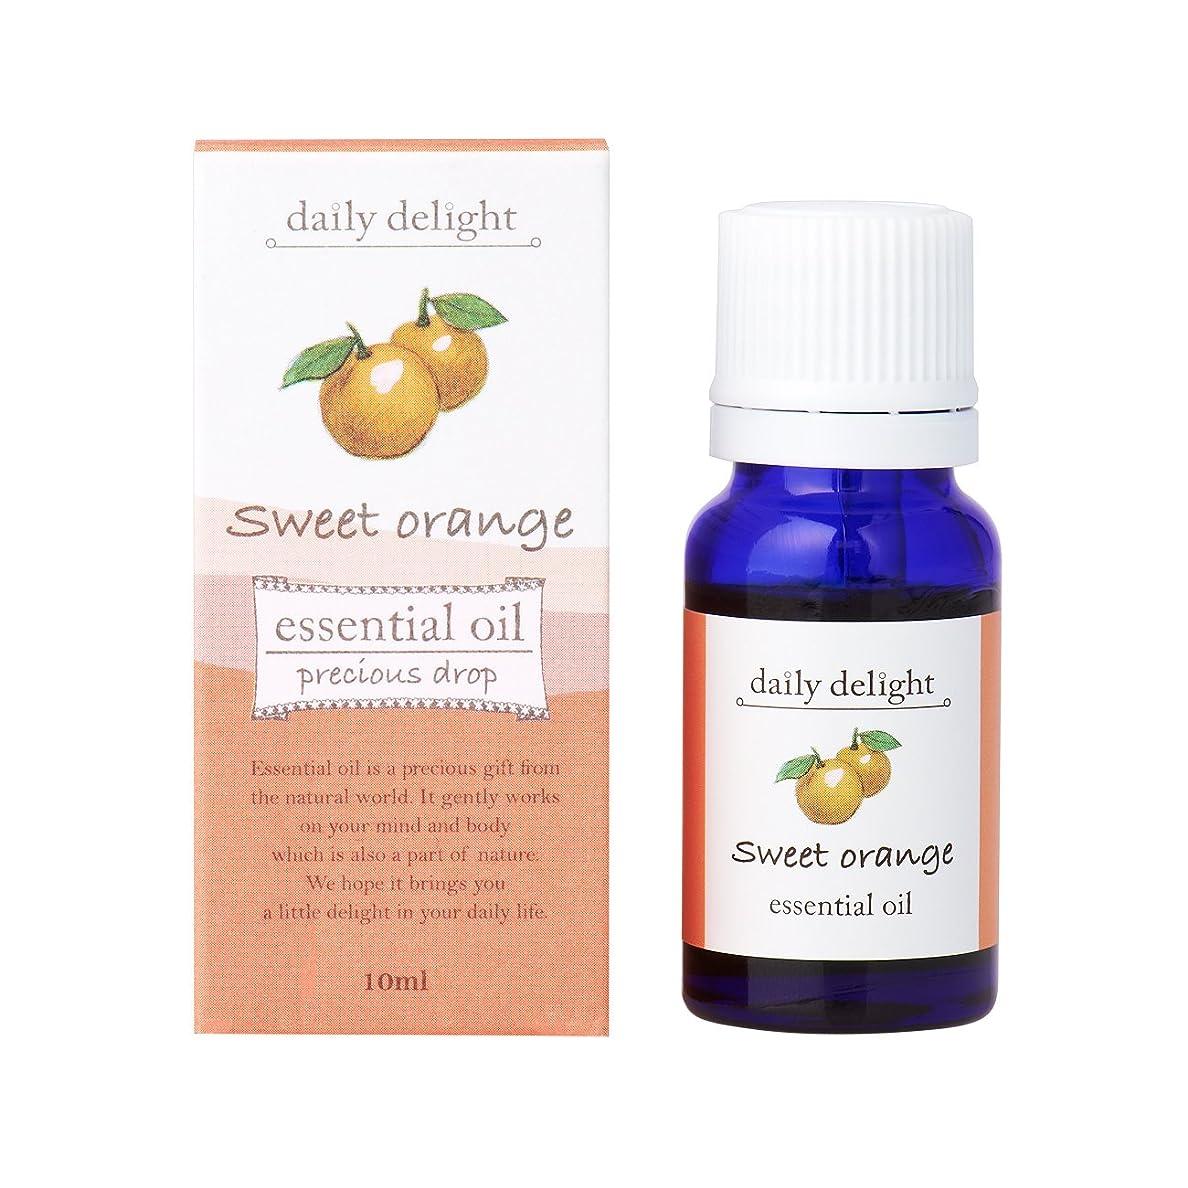 恐れる物理比較的デイリーディライト エッセンシャルオイル  スイートオレンジ 10ml(天然100% 精油 アロマ 柑橘系 フルーティで甘く爽やかな香り)